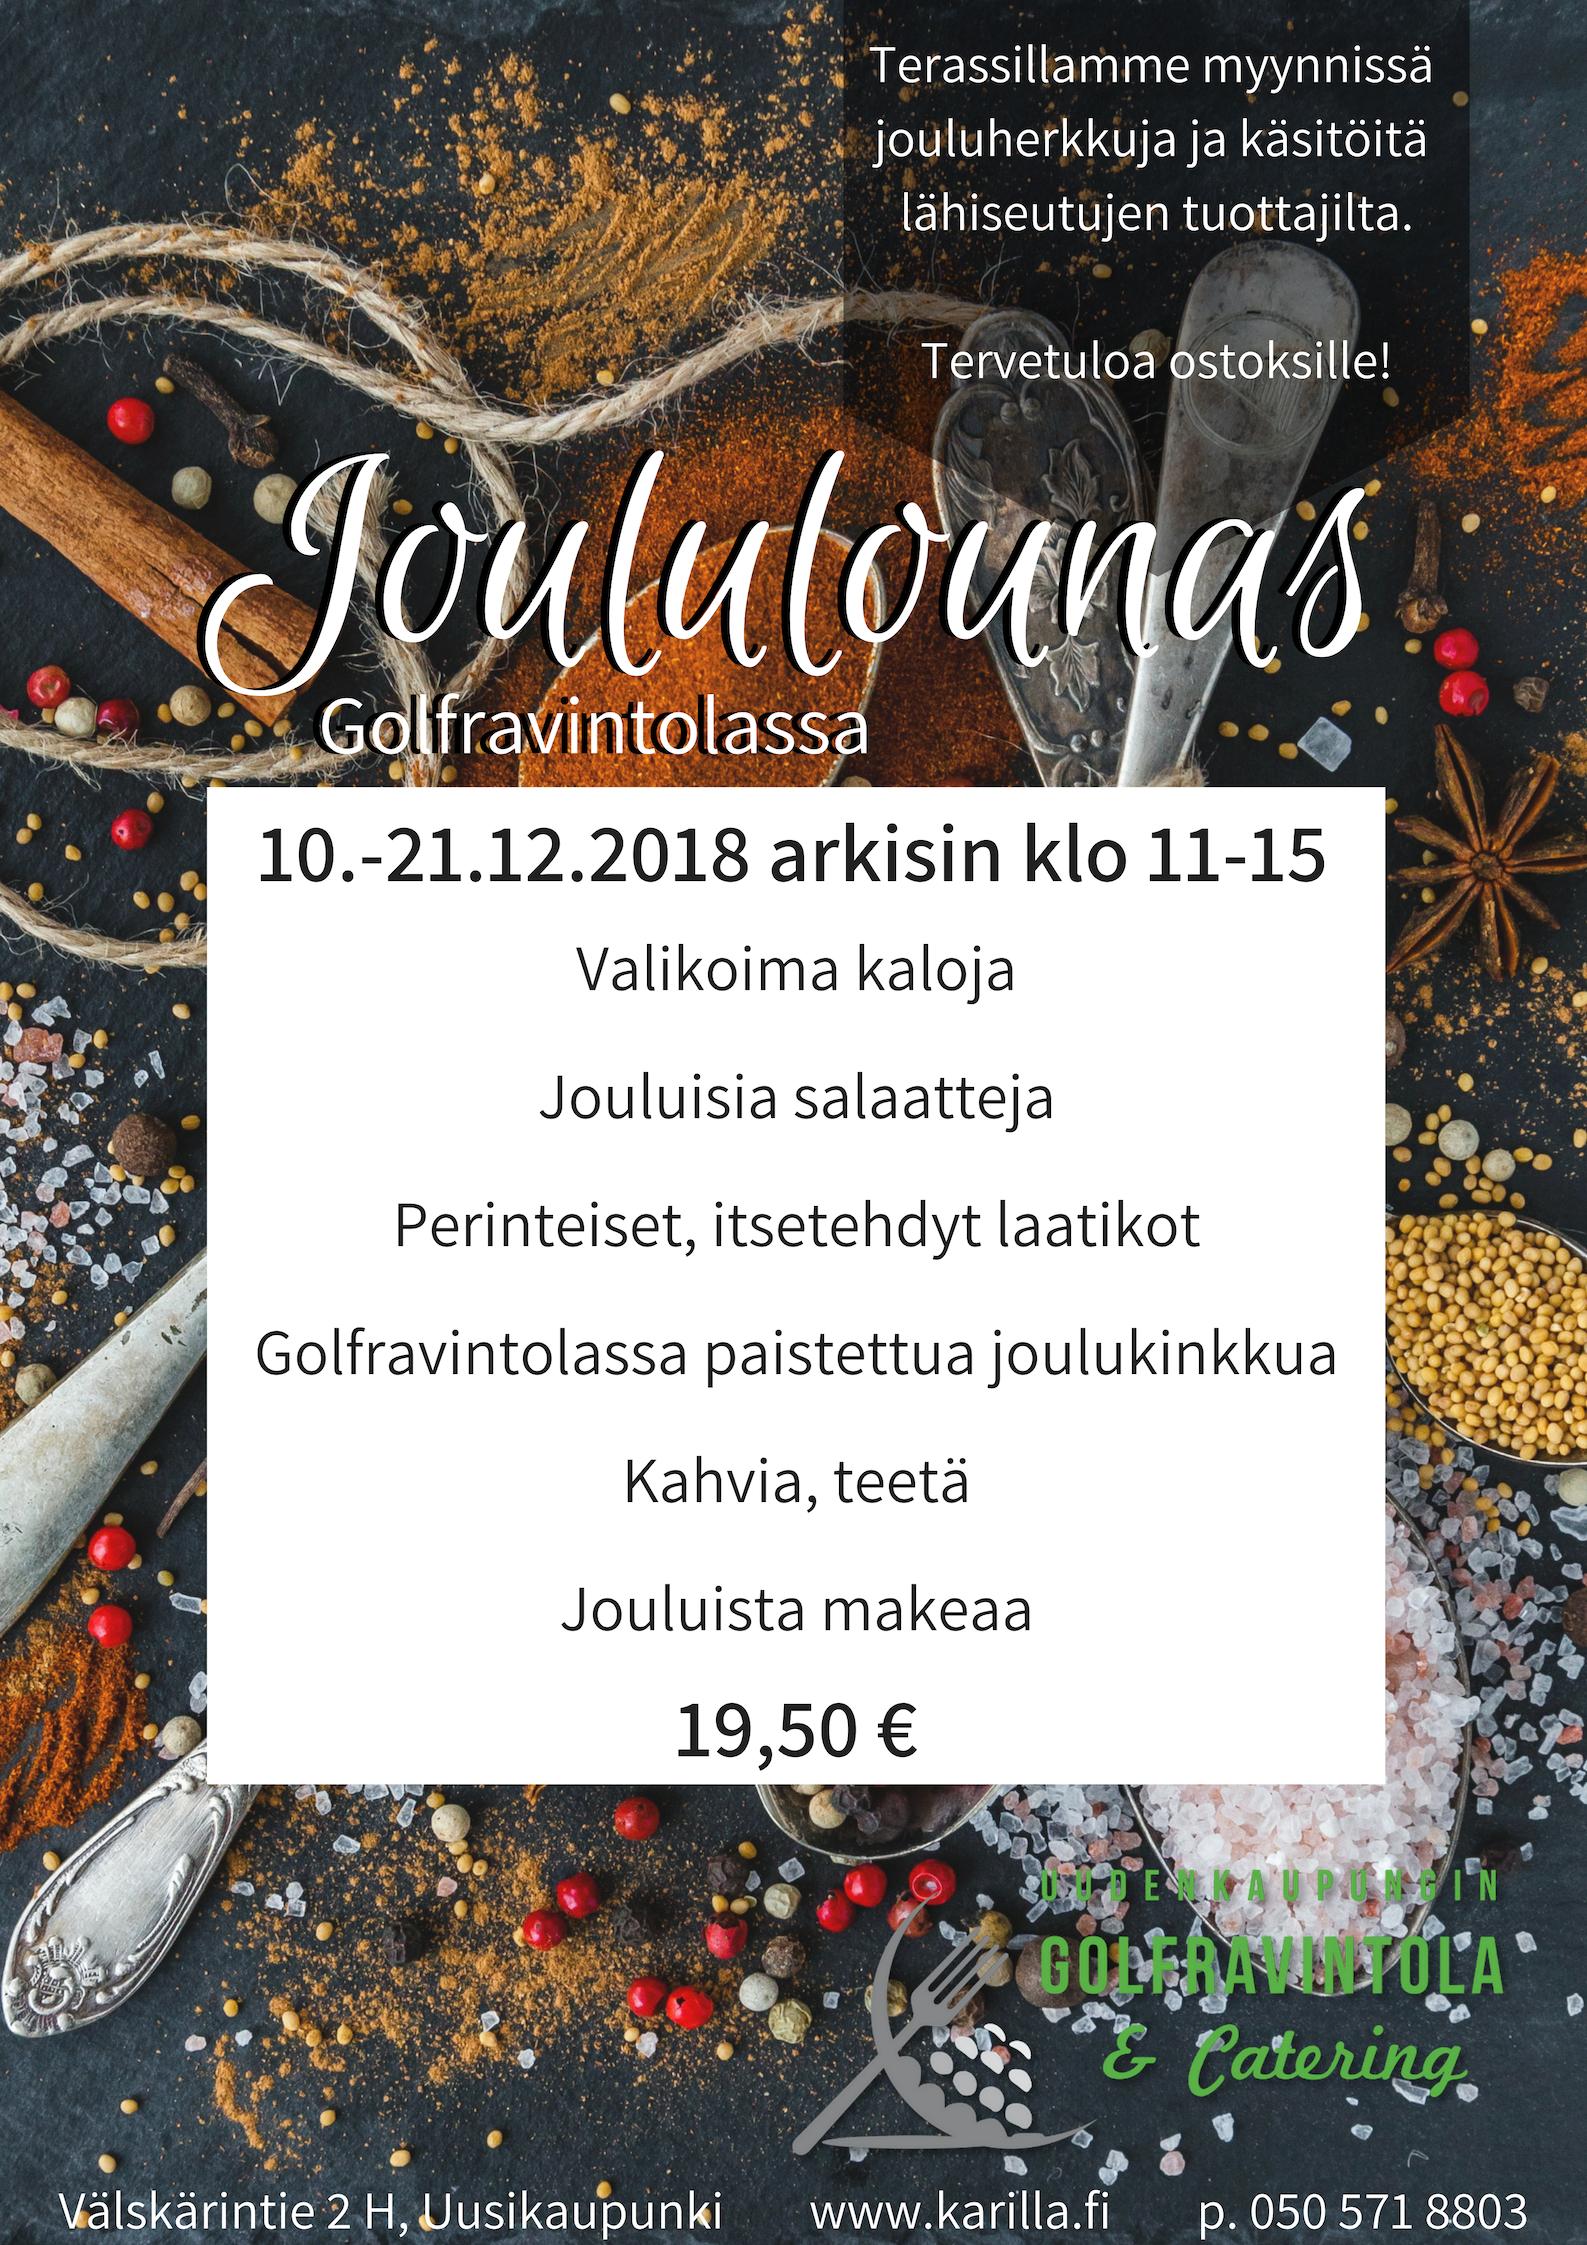 Joululounas 2018